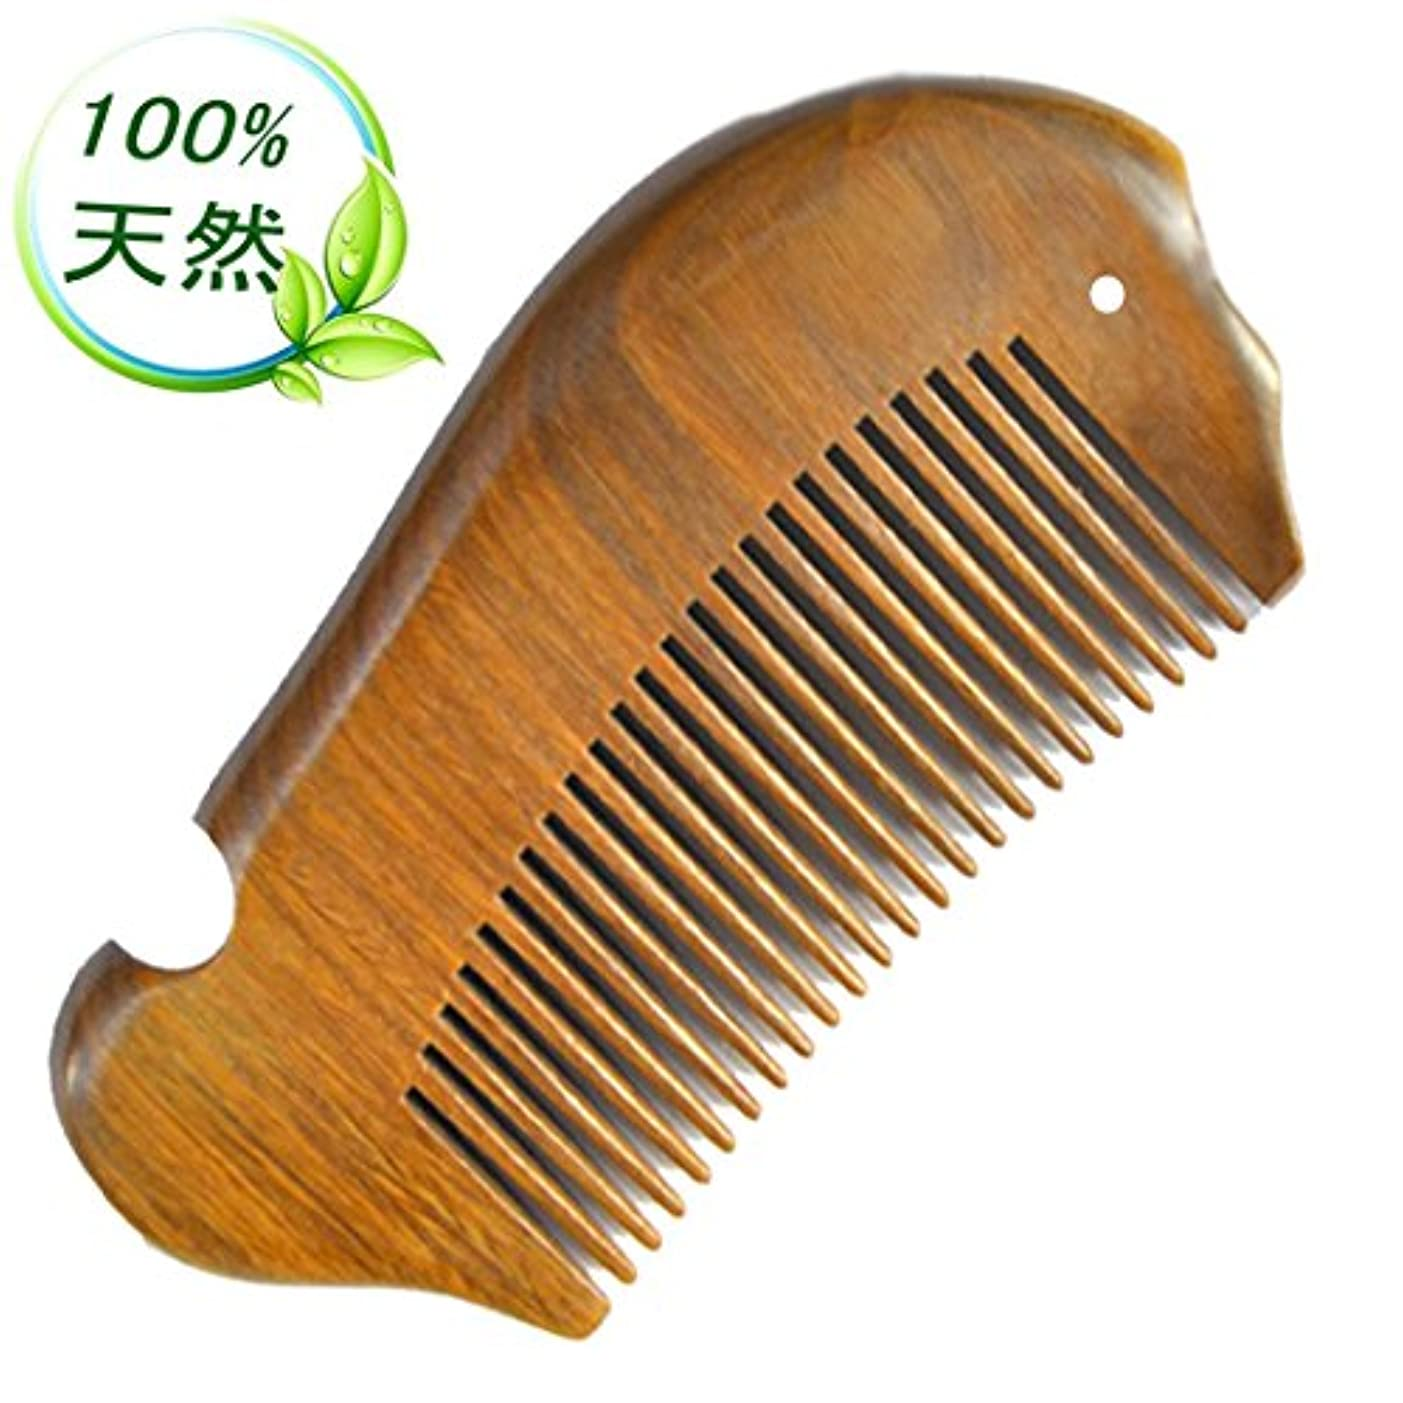 一節受信カセット子供用櫛 可愛い櫛 SHIZUKAJV 高級ヘアブラシ 静電気防止櫛 100%天然木製櫛 くしこども ヘアブラシ人気 頭皮ブラシ くしメンズ くし木 櫛木製 くしコーム くしおすすめ (魚の形櫛) ヘアケア > 頭皮ケア